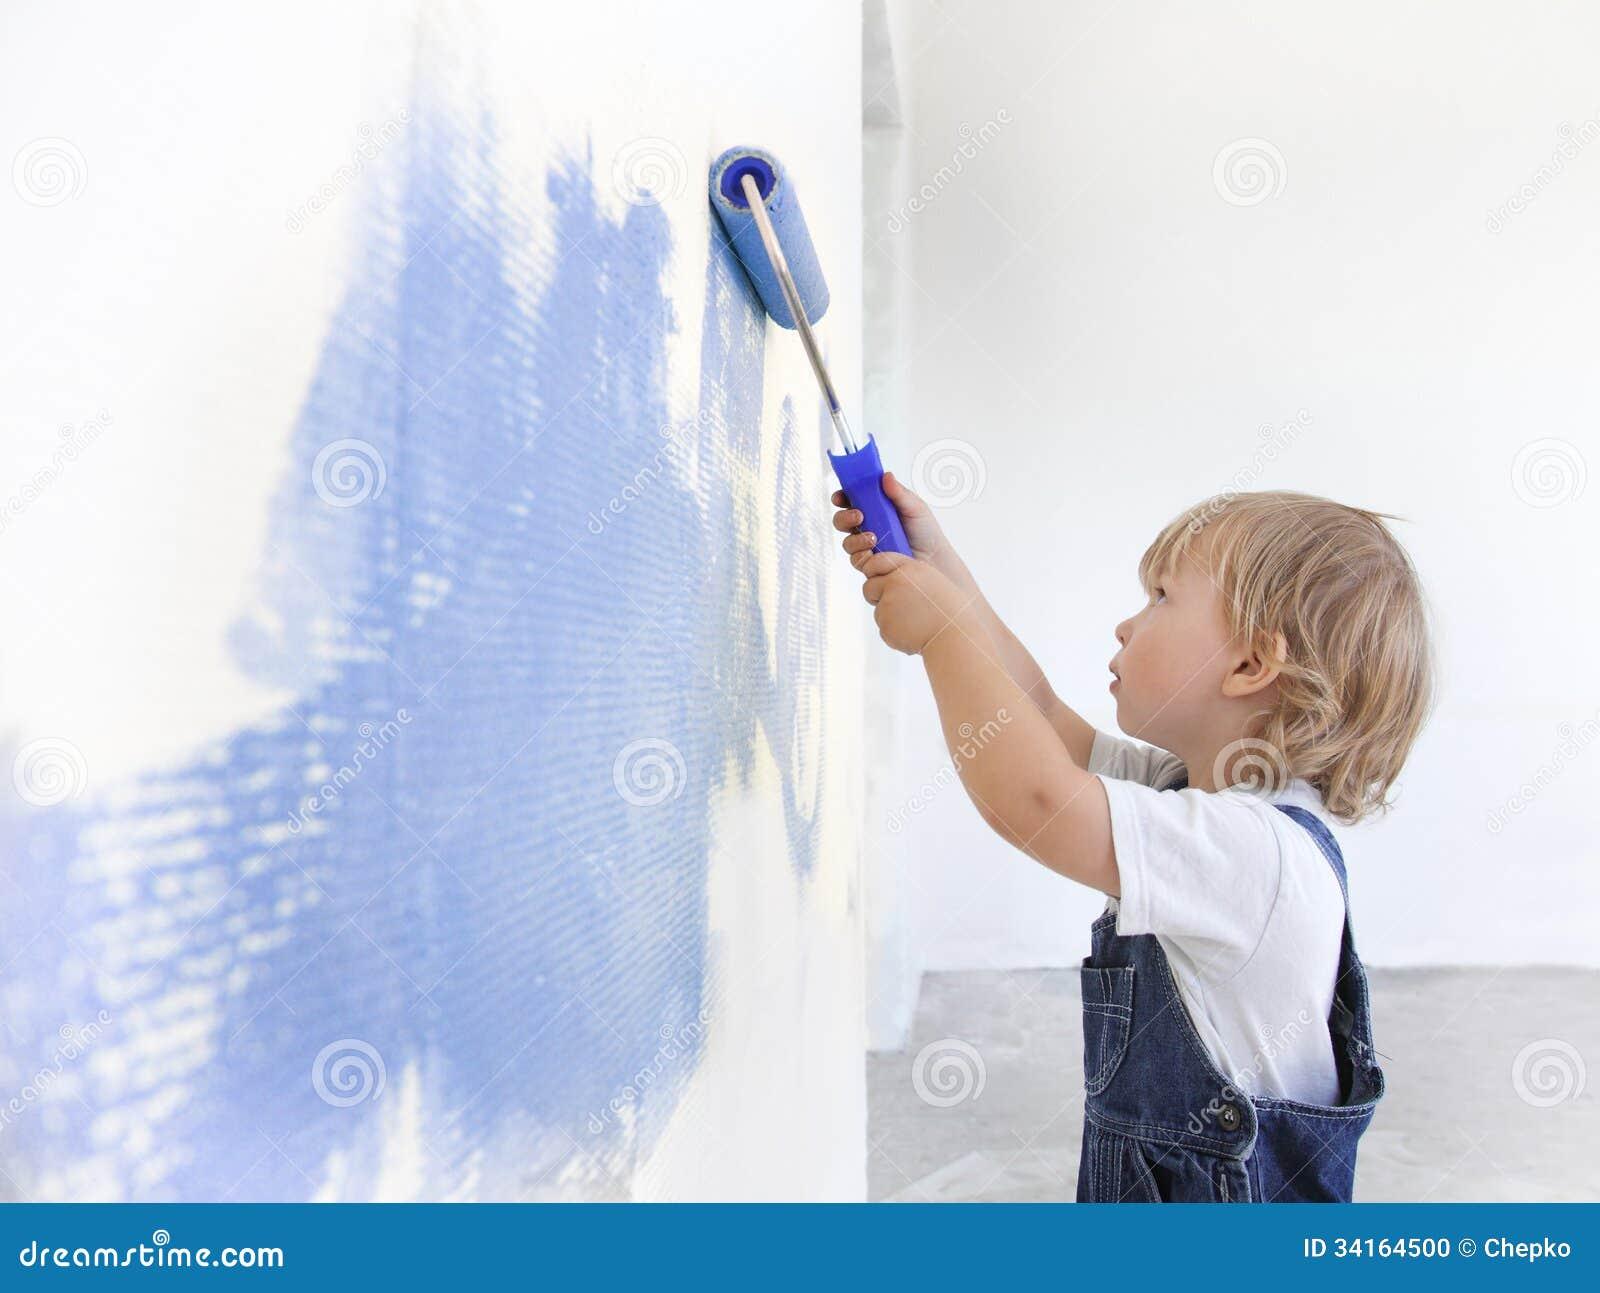 Дети красят внутри помещения